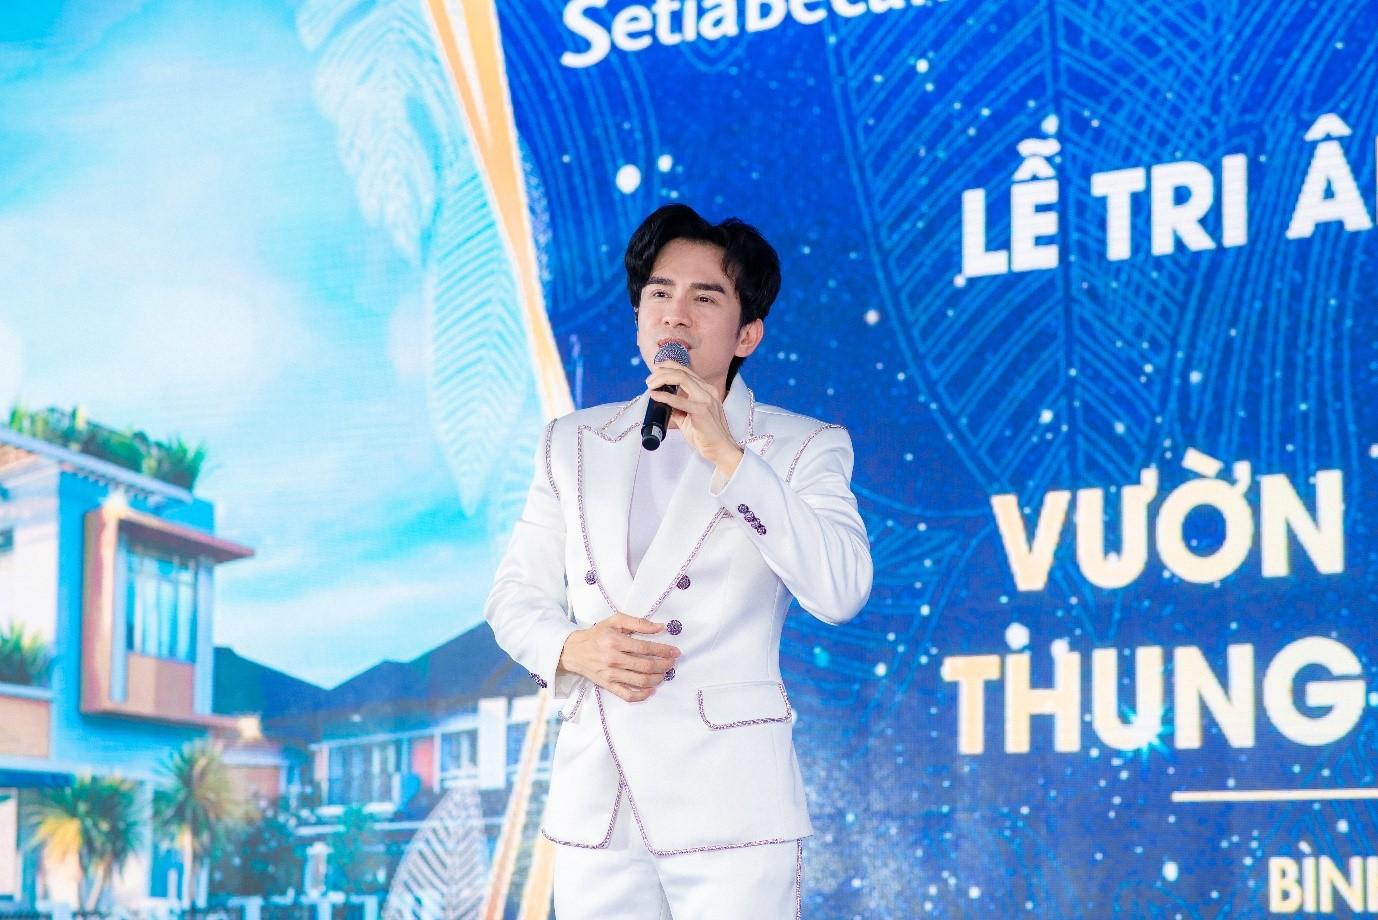 Ca sĩ Đan Trường góp mặt tại sự kiện với những bài hit của mình. Ảnh: SetiaBecamex.